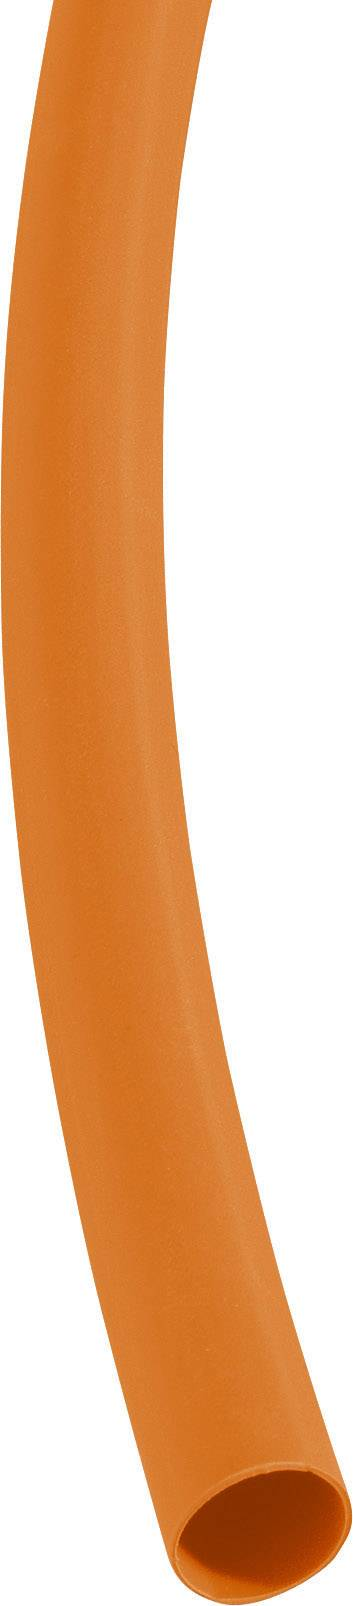 Zmršťovacia bužírka bez lepidla DSG Canusa 3290048203, 3:1, 4.80 mm, oranžová, metrový tovar